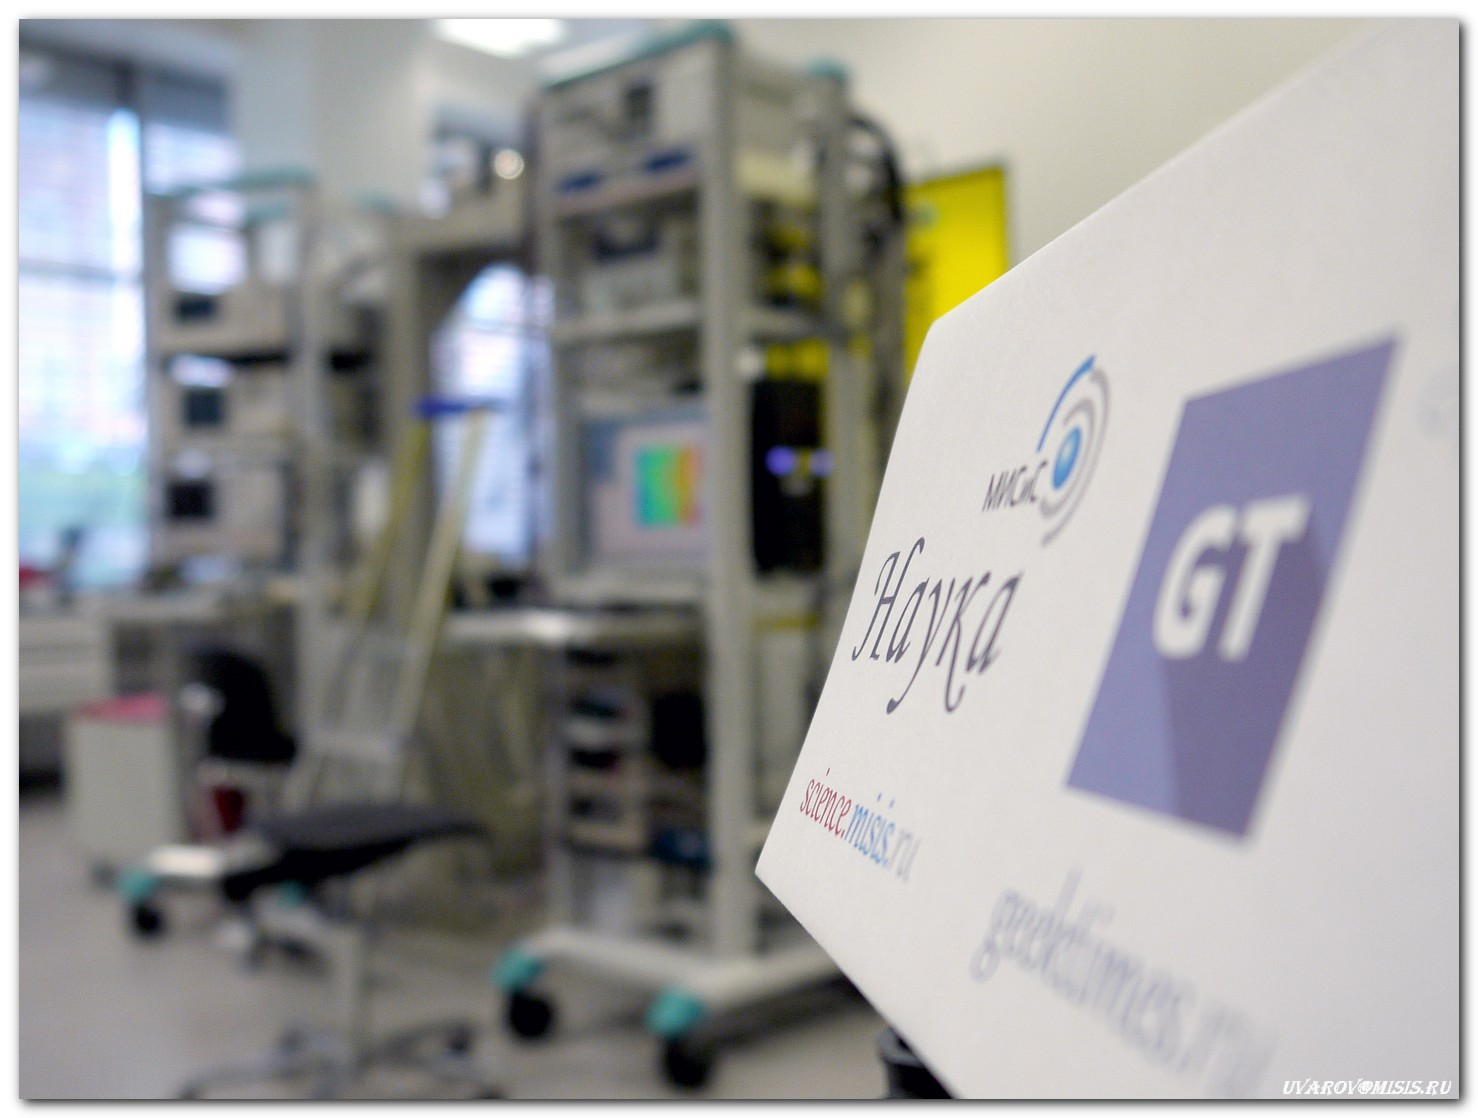 Лаборатории НИТУ «МИСиС»: от разделения наночастиц магнетита до создания квантового компьютера - 23